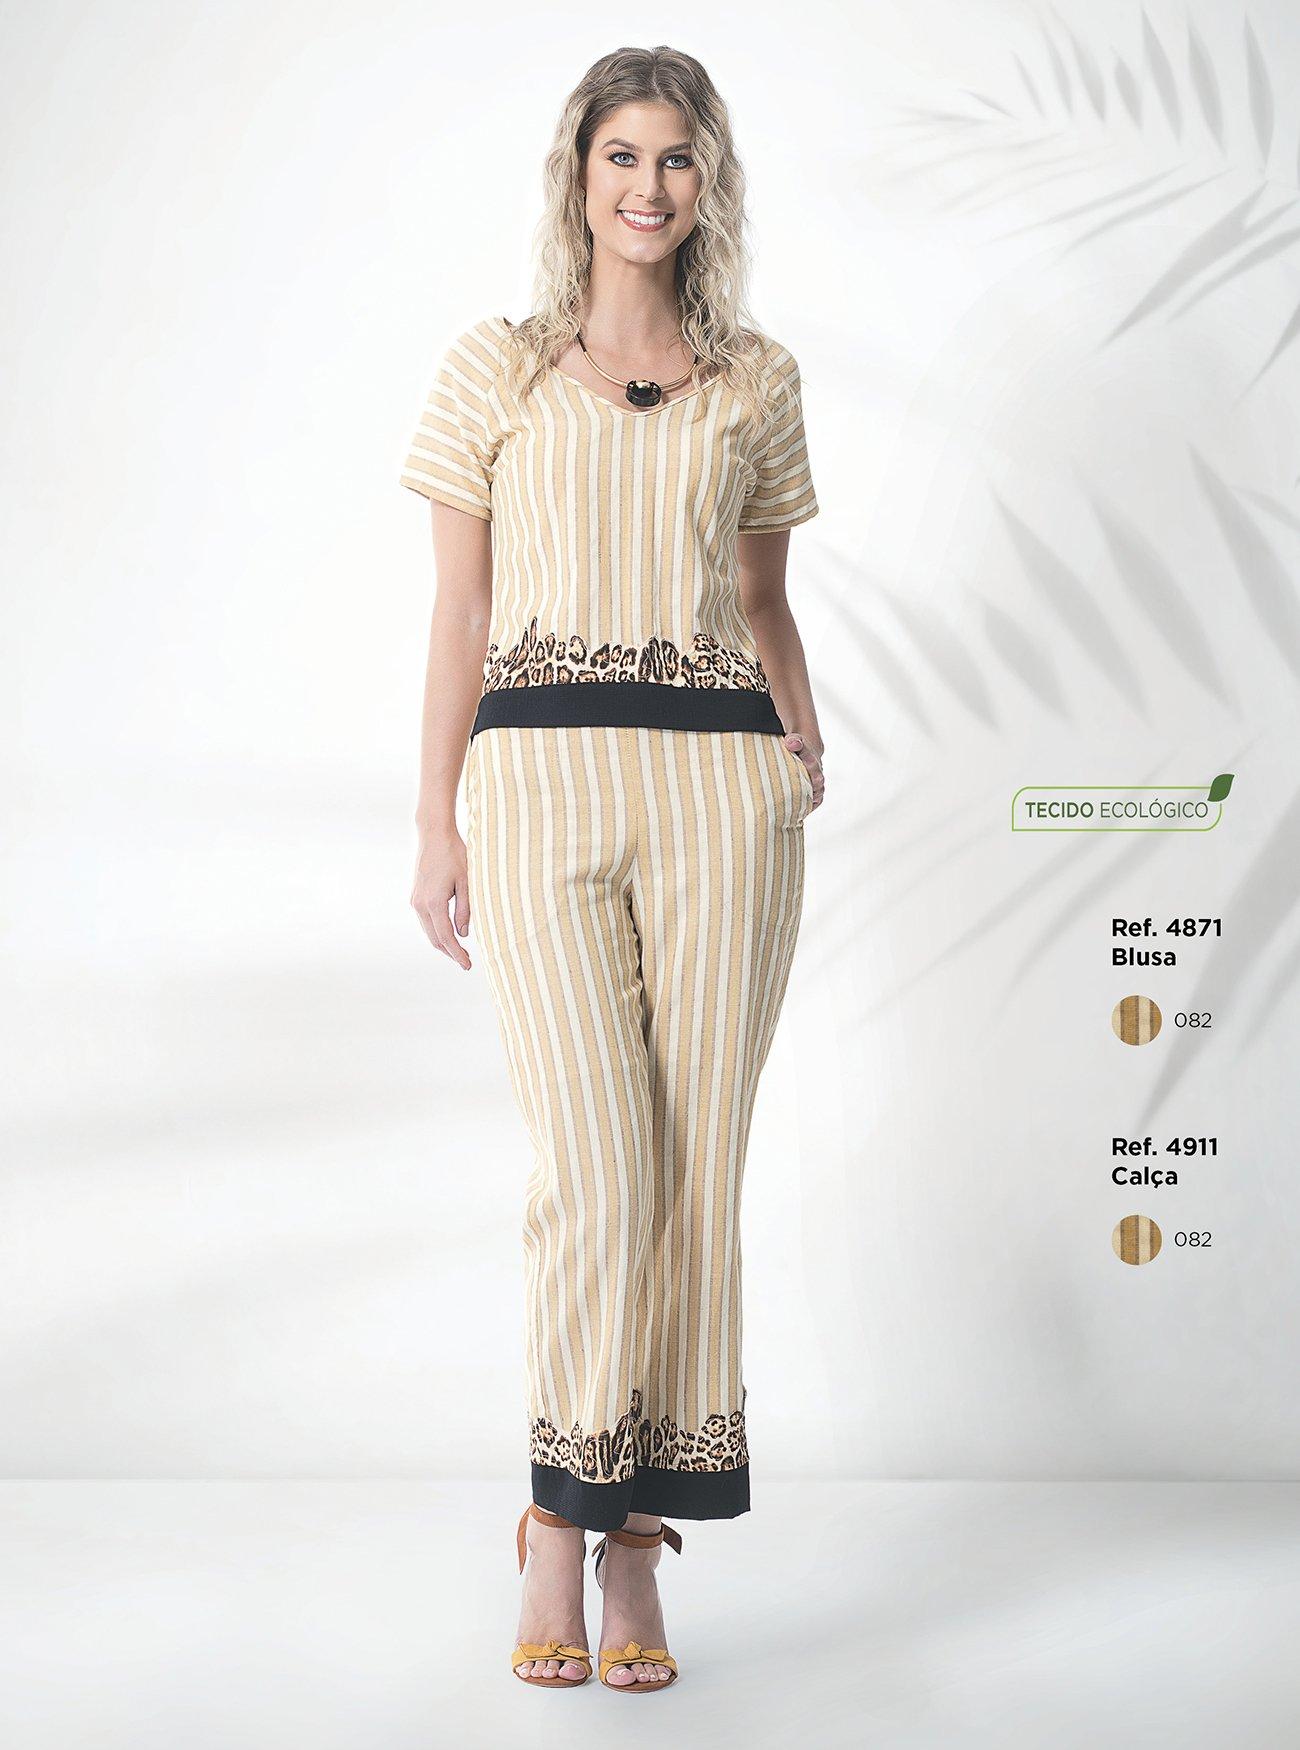 Blusa listrada com barrado animal print | Calça pantacourt listrada de linho